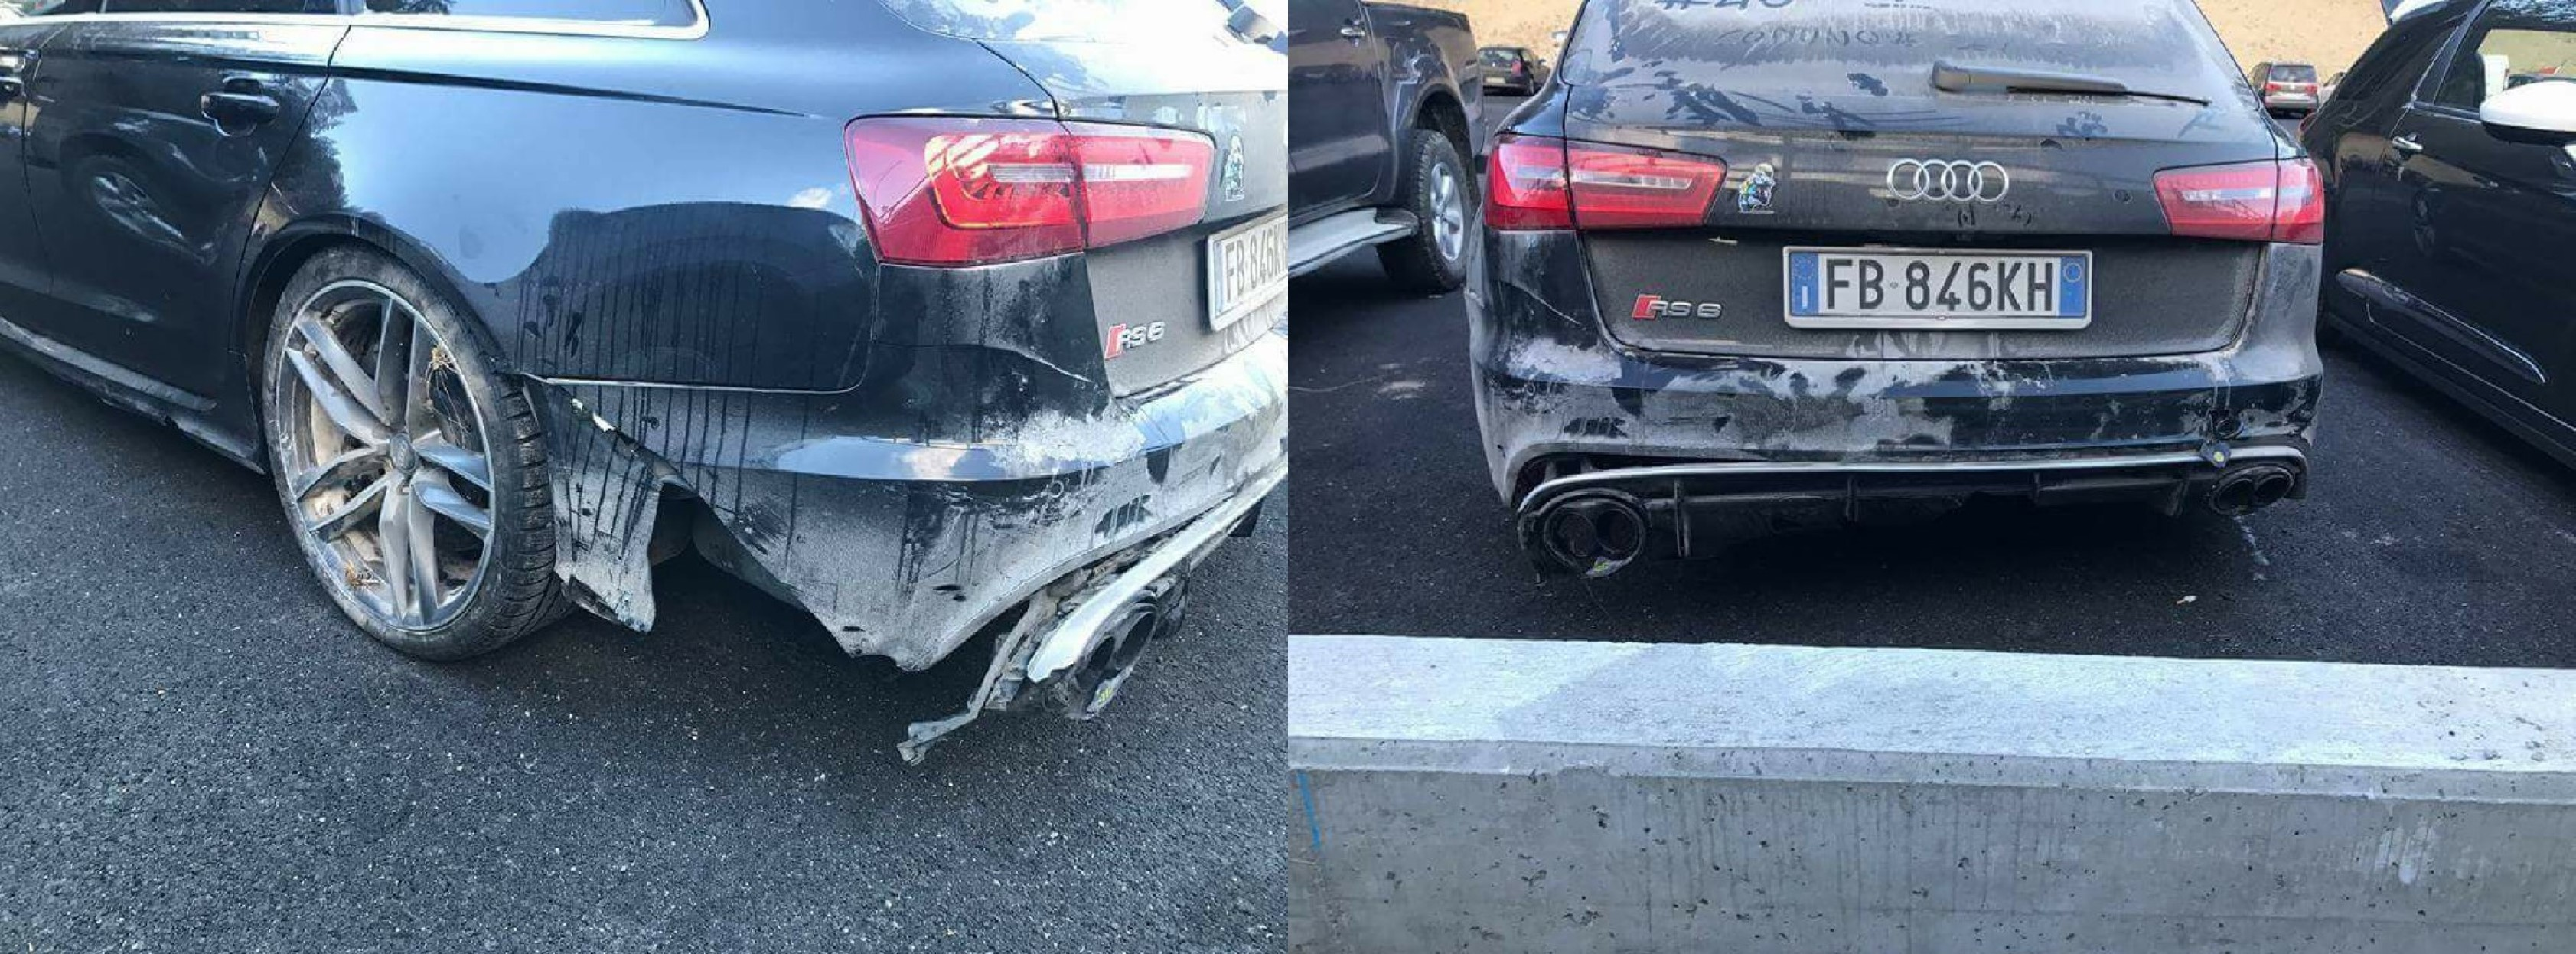 Valentino Rossi Crashes Audi Rs6 In Italy Gtspirit